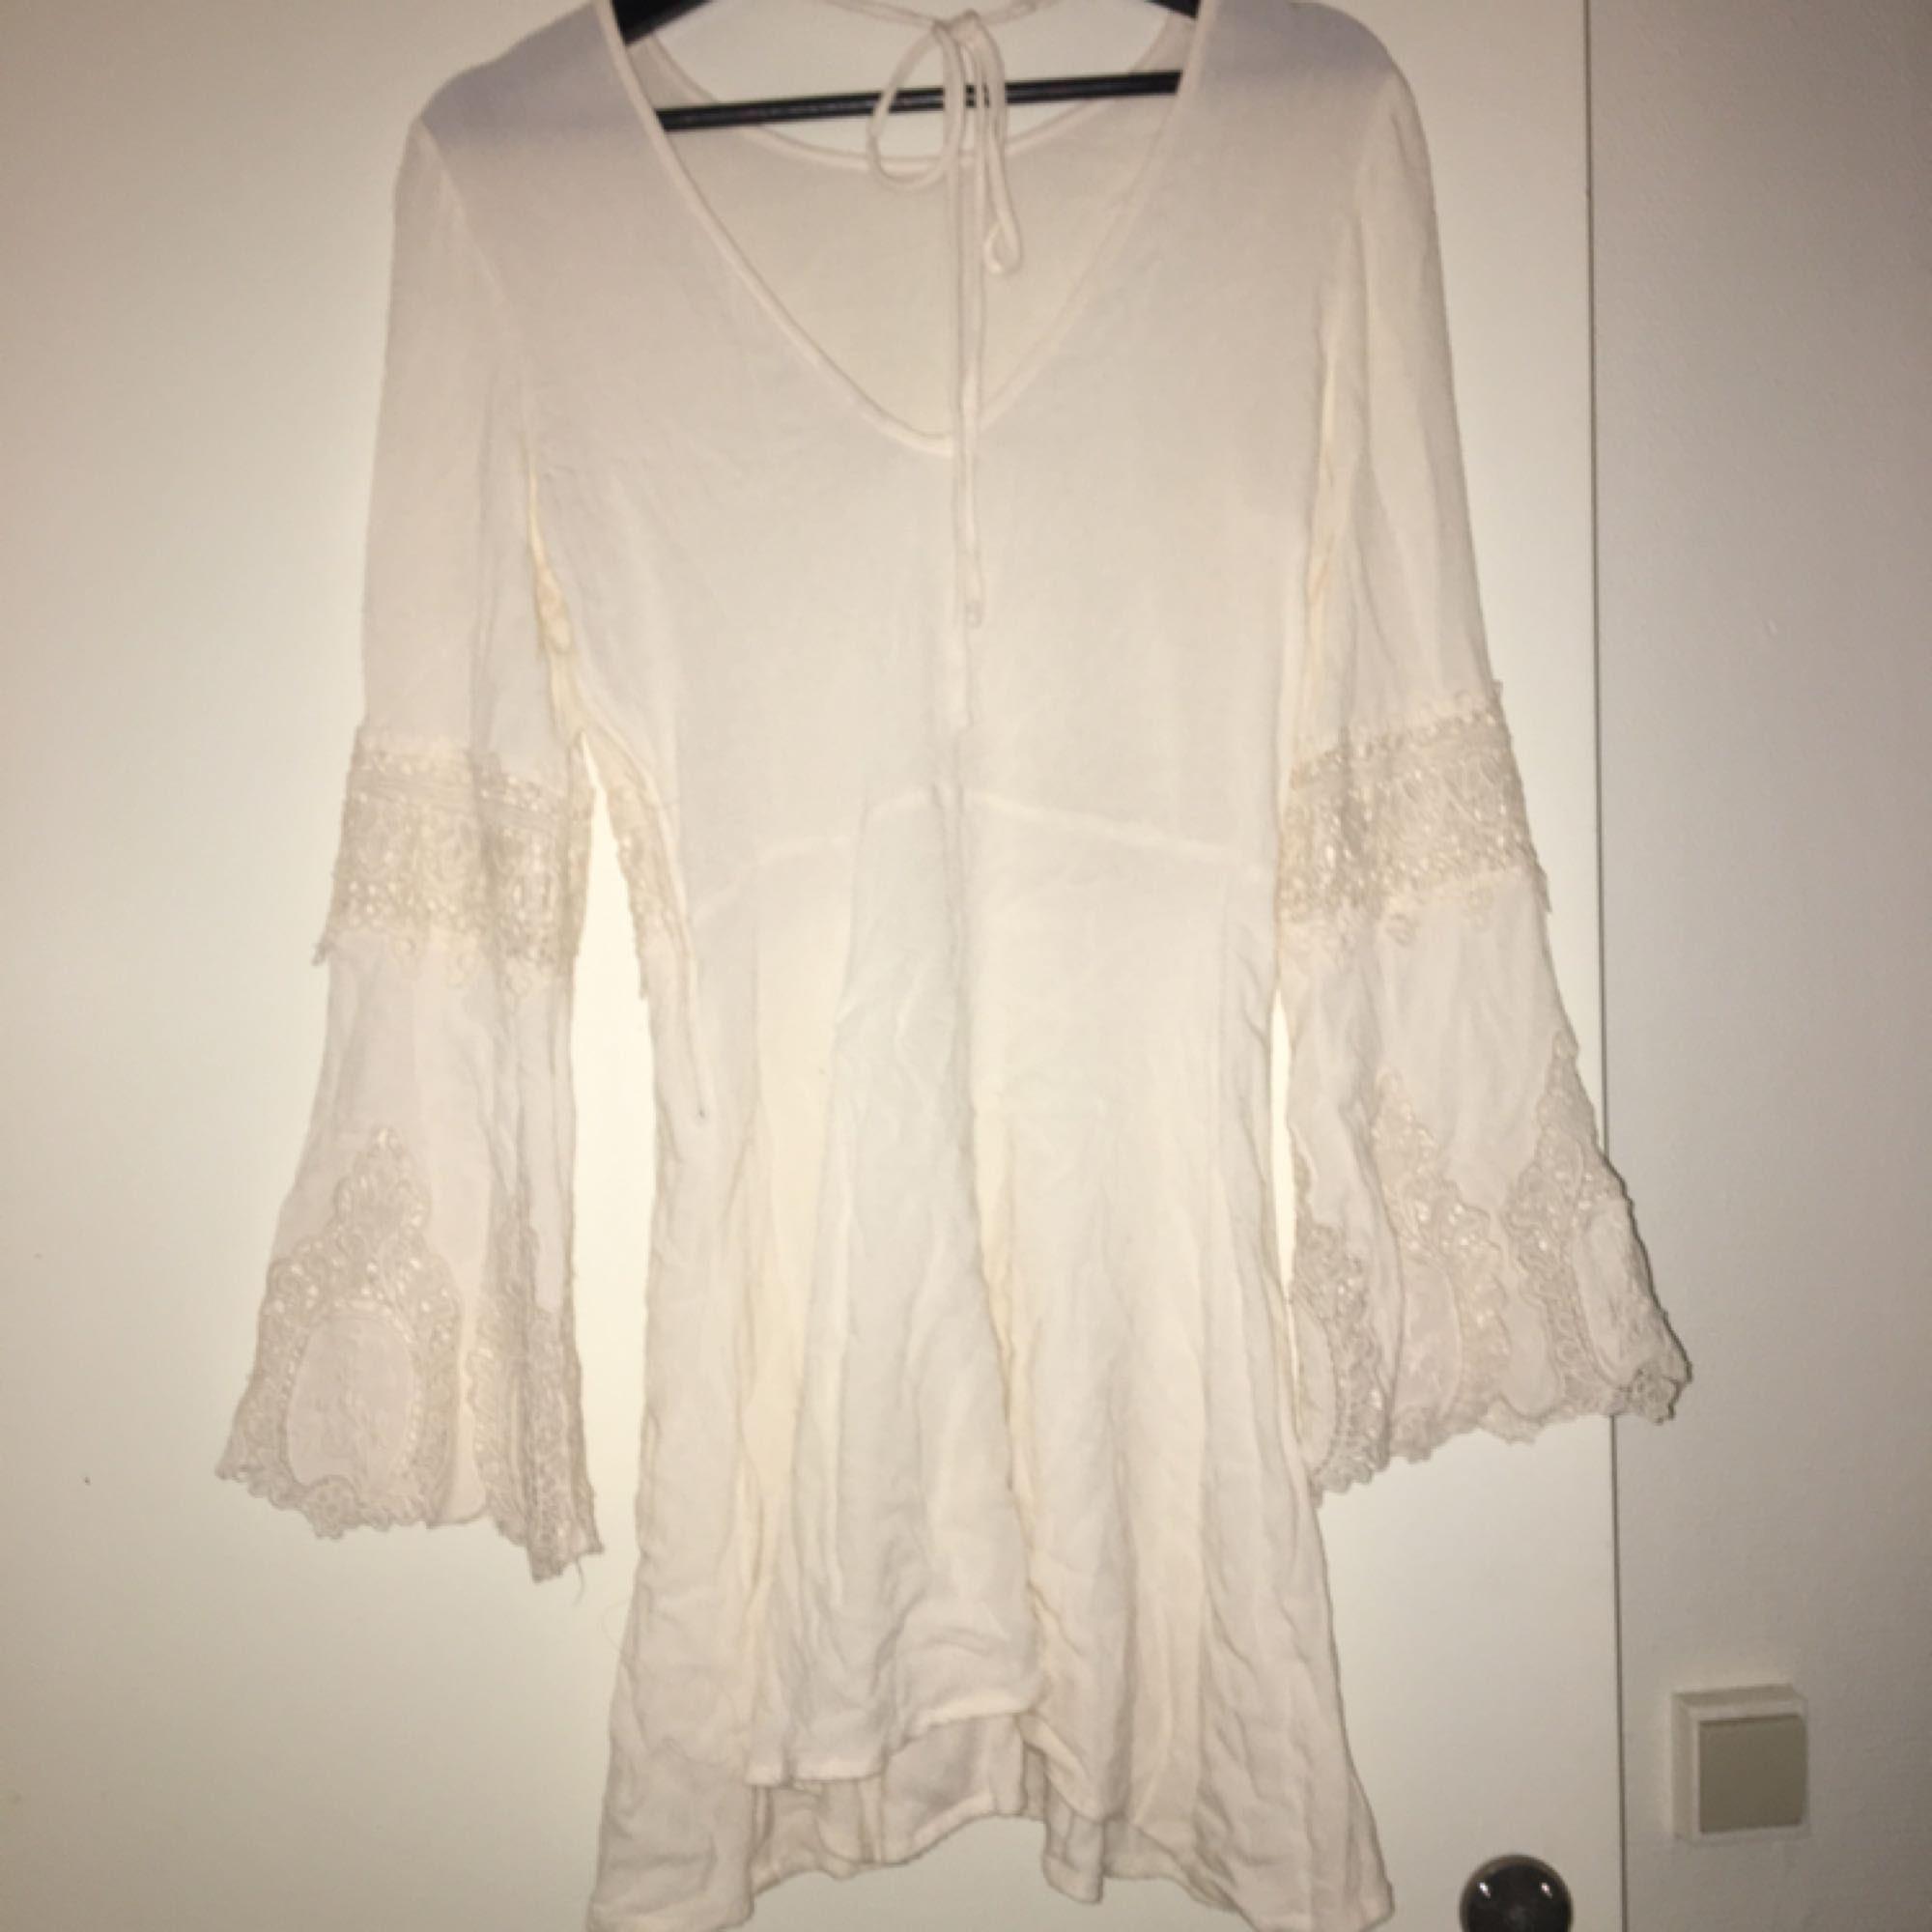 dd675e702619 Vit hippie klänning från hm med trumpetärmar och virkade detaljer.